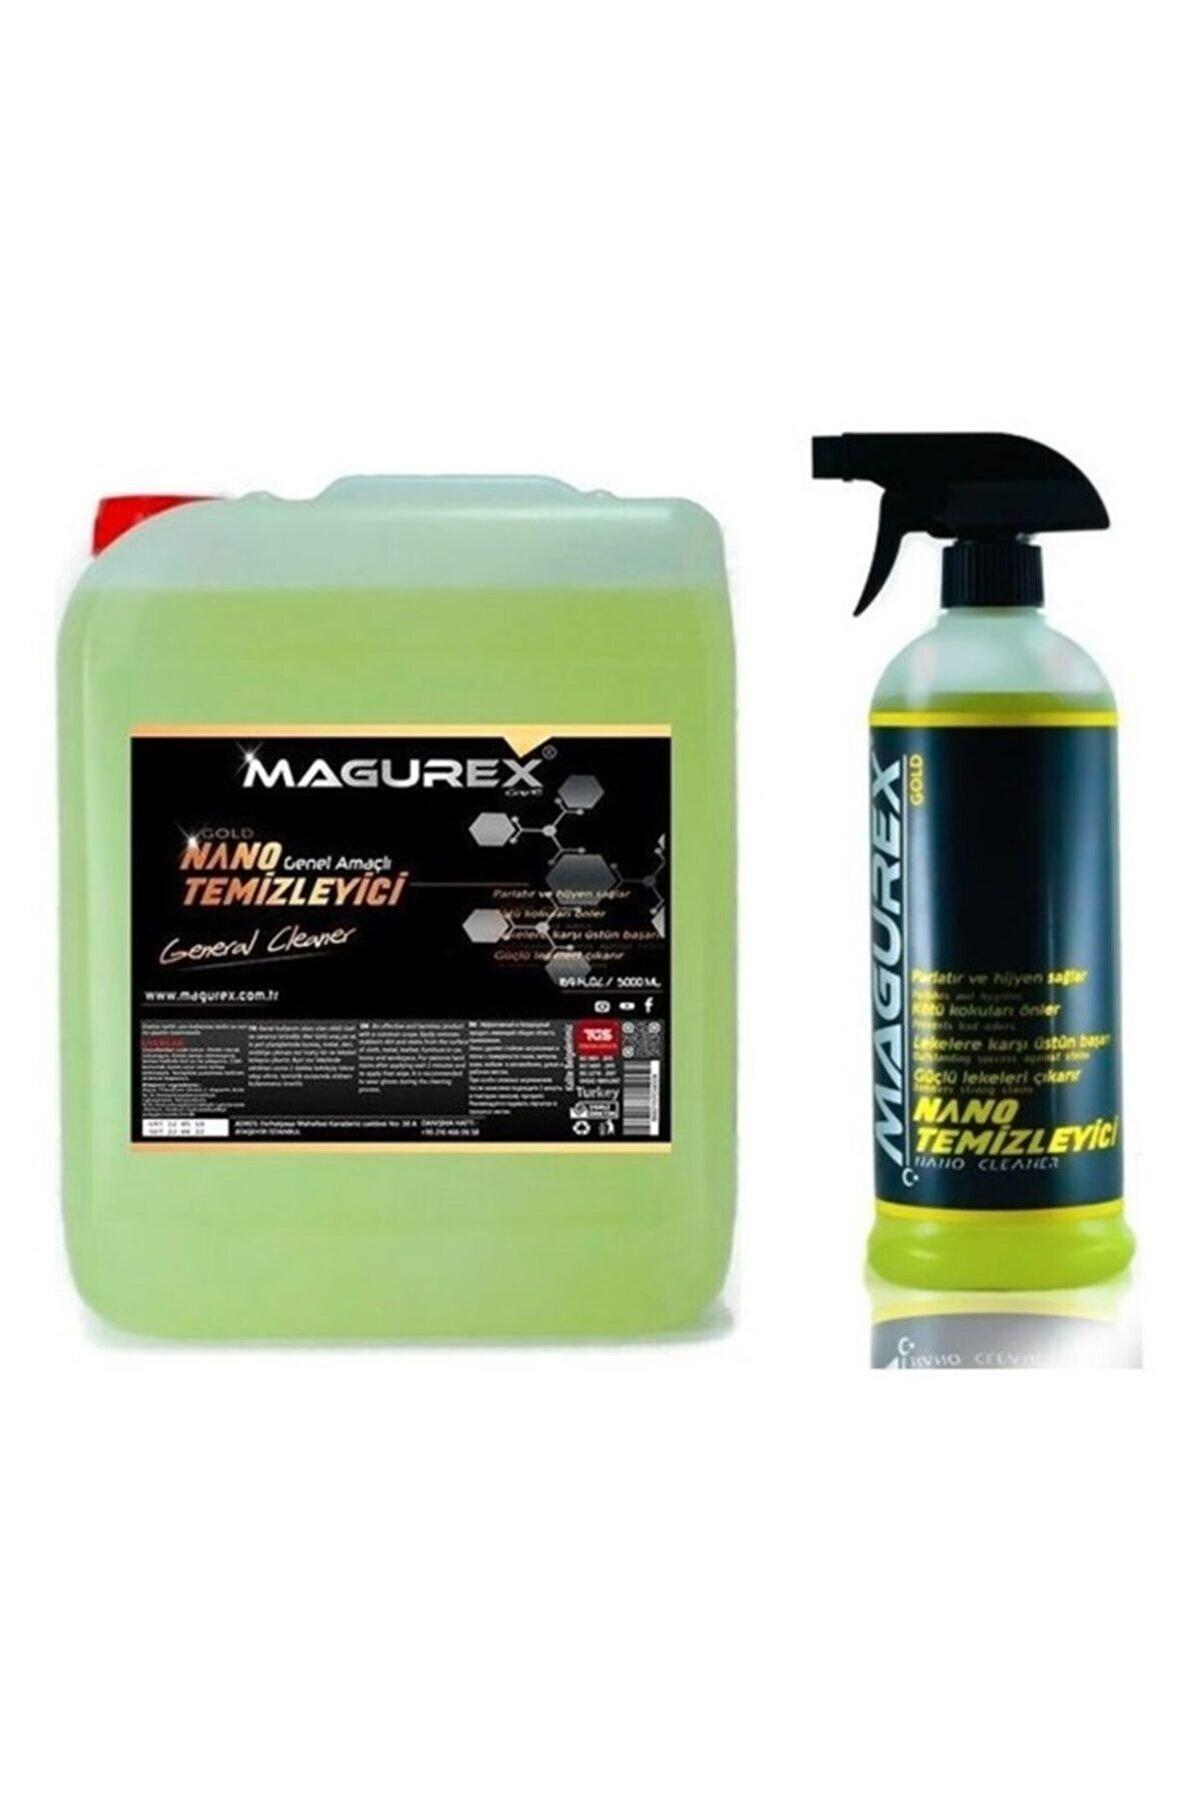 magurex Genel Amaçlı Nano Temizleyici 5 L + 800 Ml